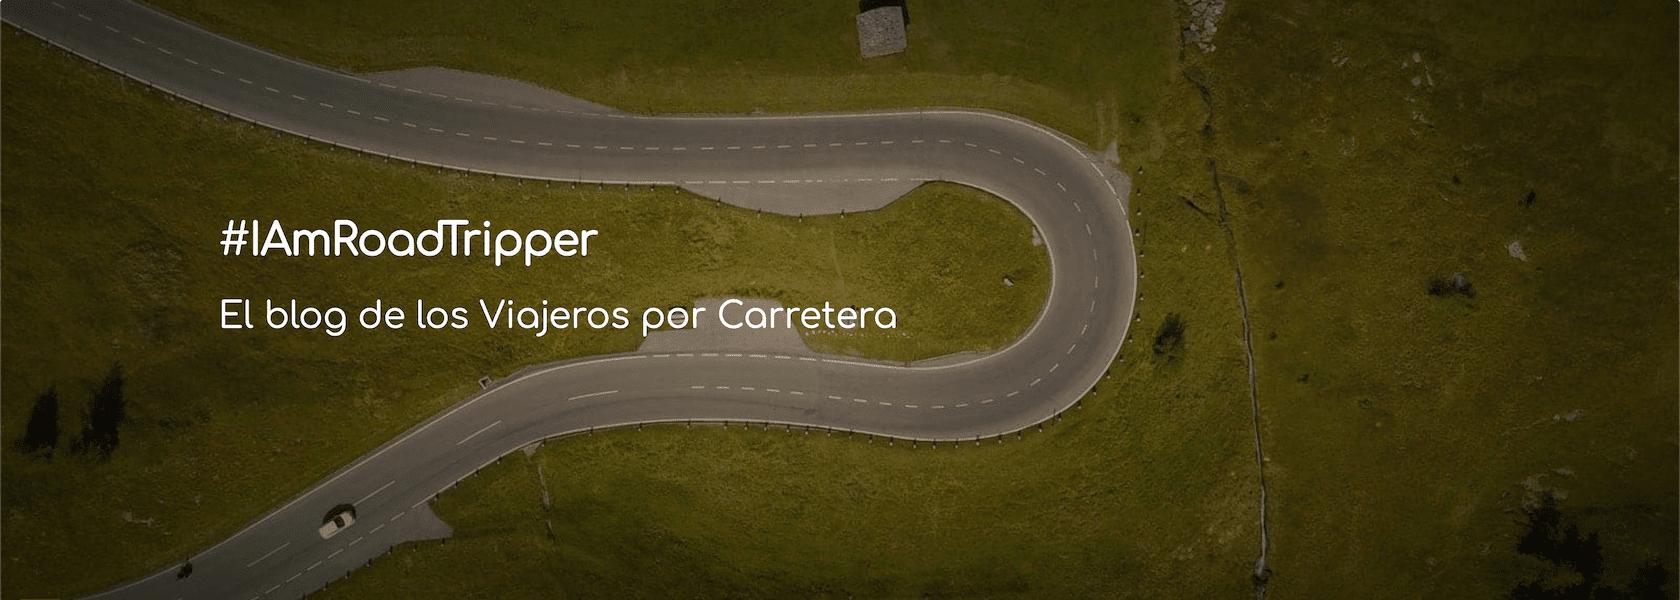 #IAmRoadTripper-El blog de los viajeros por carretera